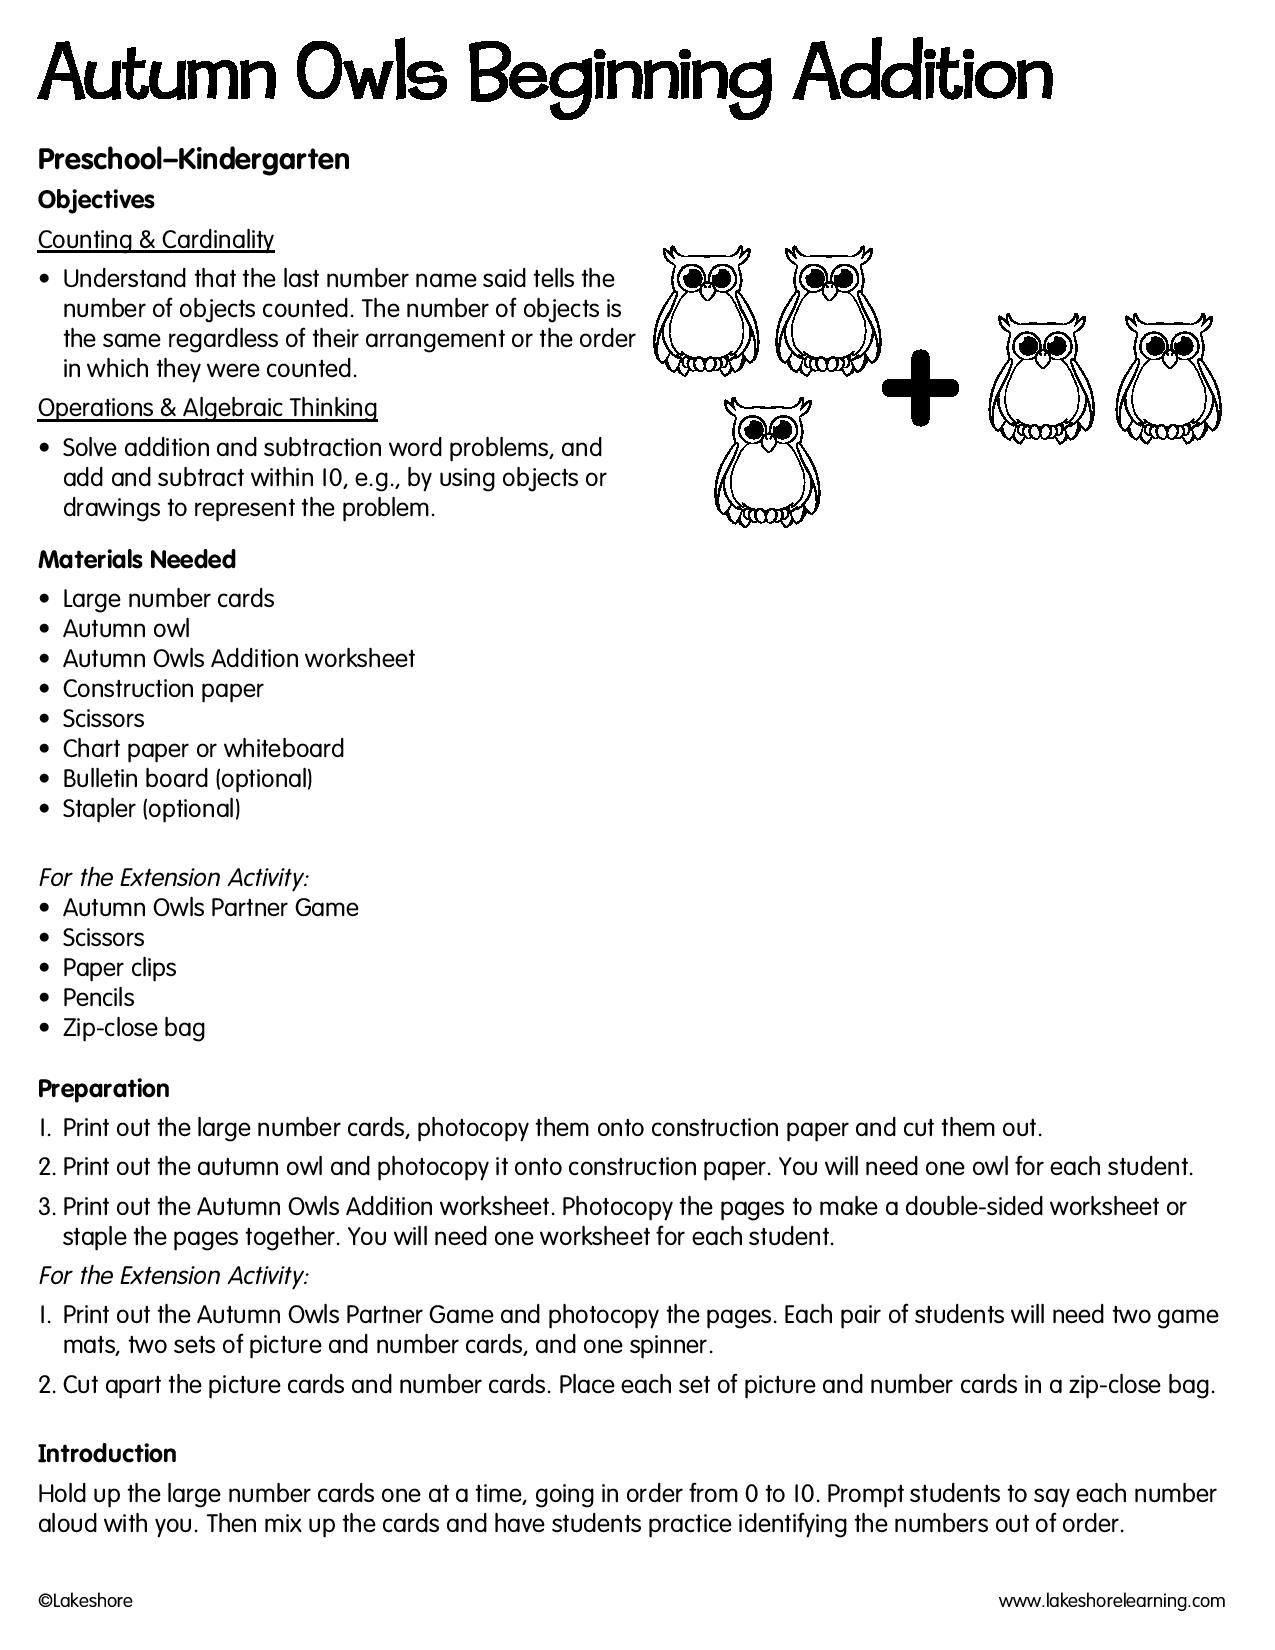 Autumn Owls Beginning Addition Lessonplan Math Kindergarten Math Lesson Plans Math Lesson Plans Kindergarten Lesson Plans Addition within lesson plan for